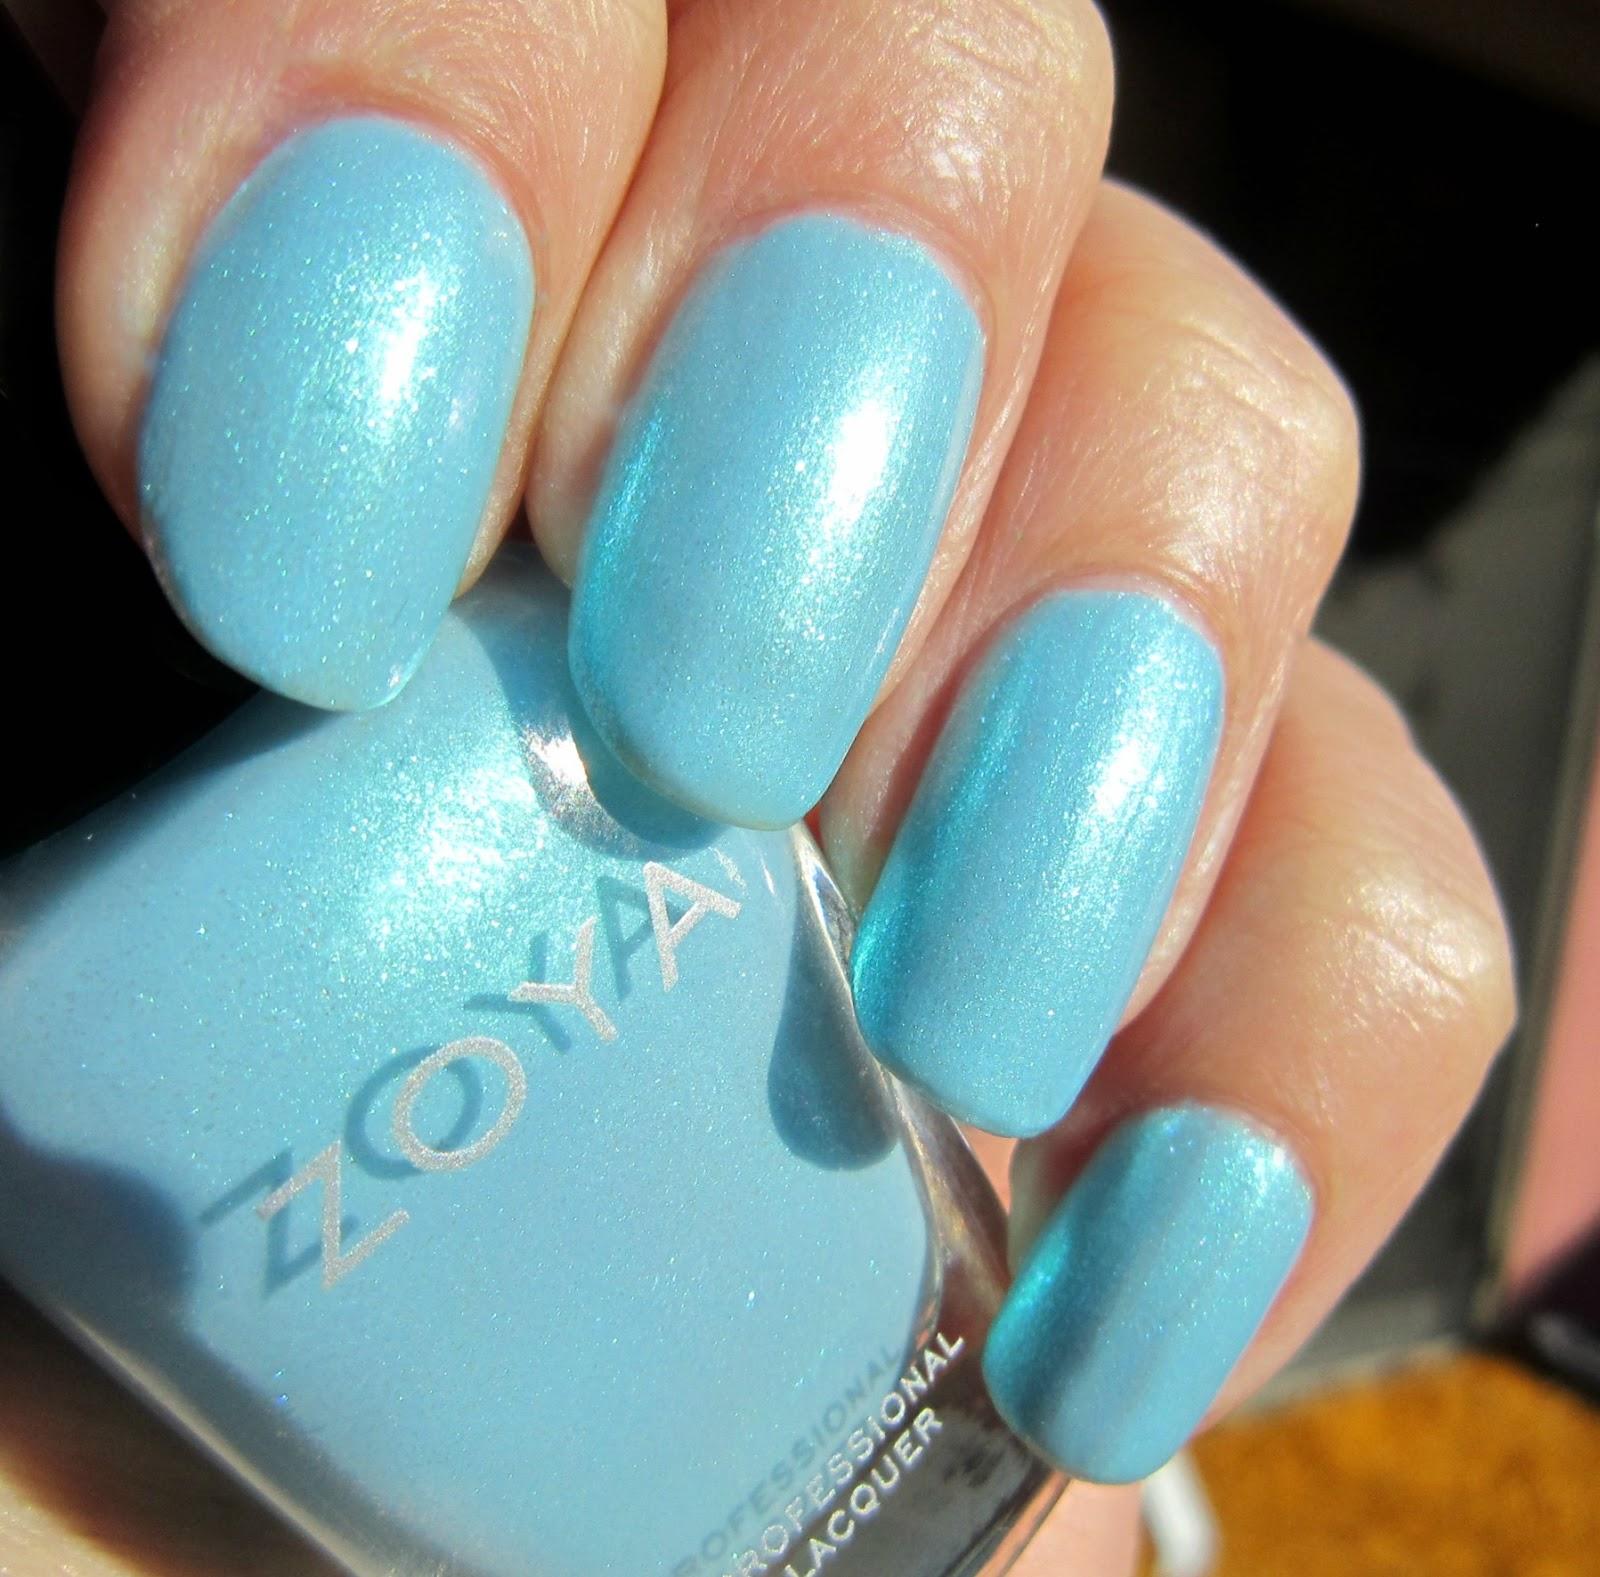 Concrete And Nail Polish: Zoya Rayne